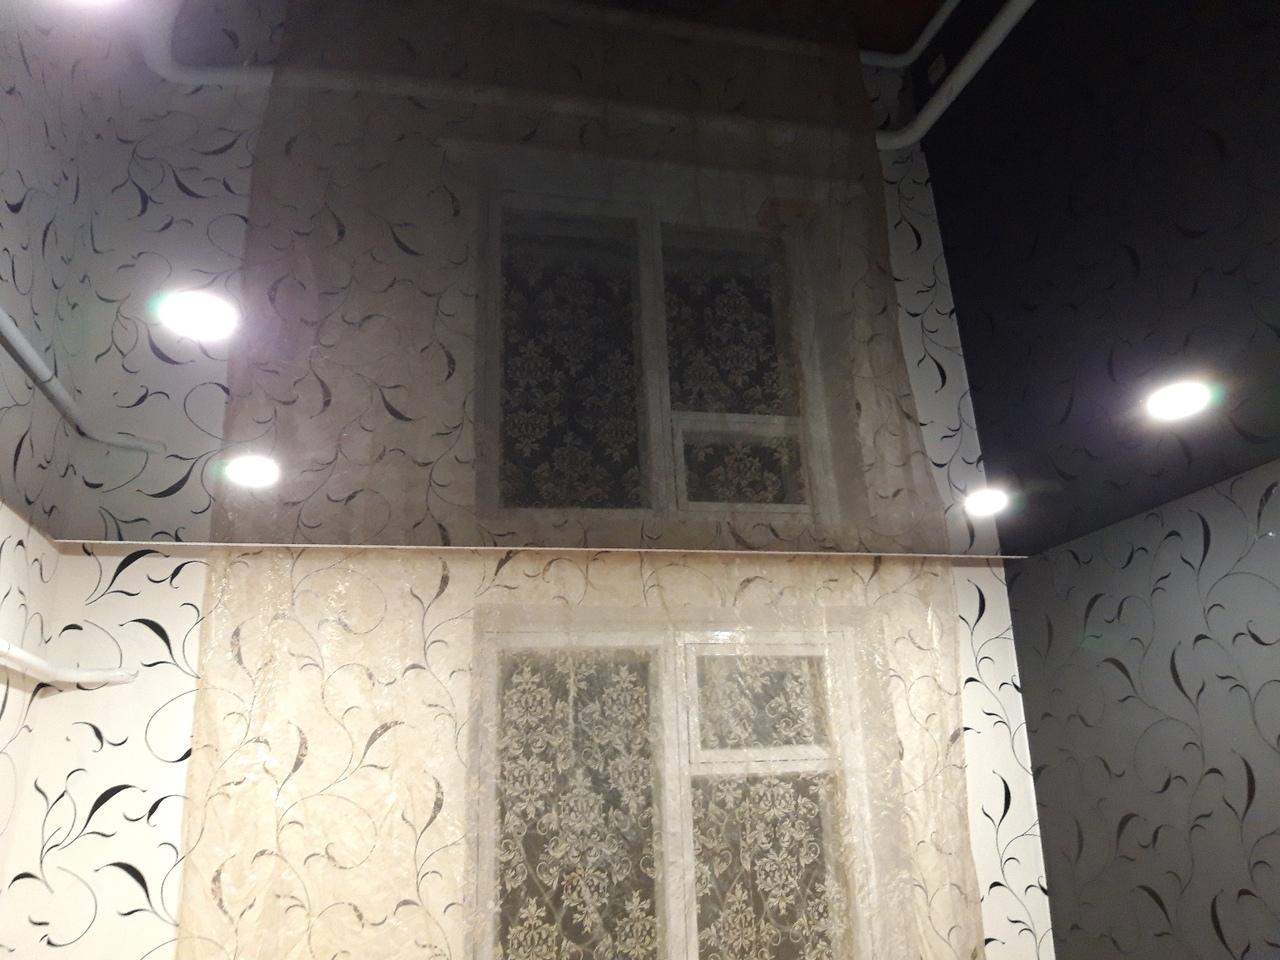 Потолок со светильниками мощностью 15 Вт, площадь комнаты 12 кв.м